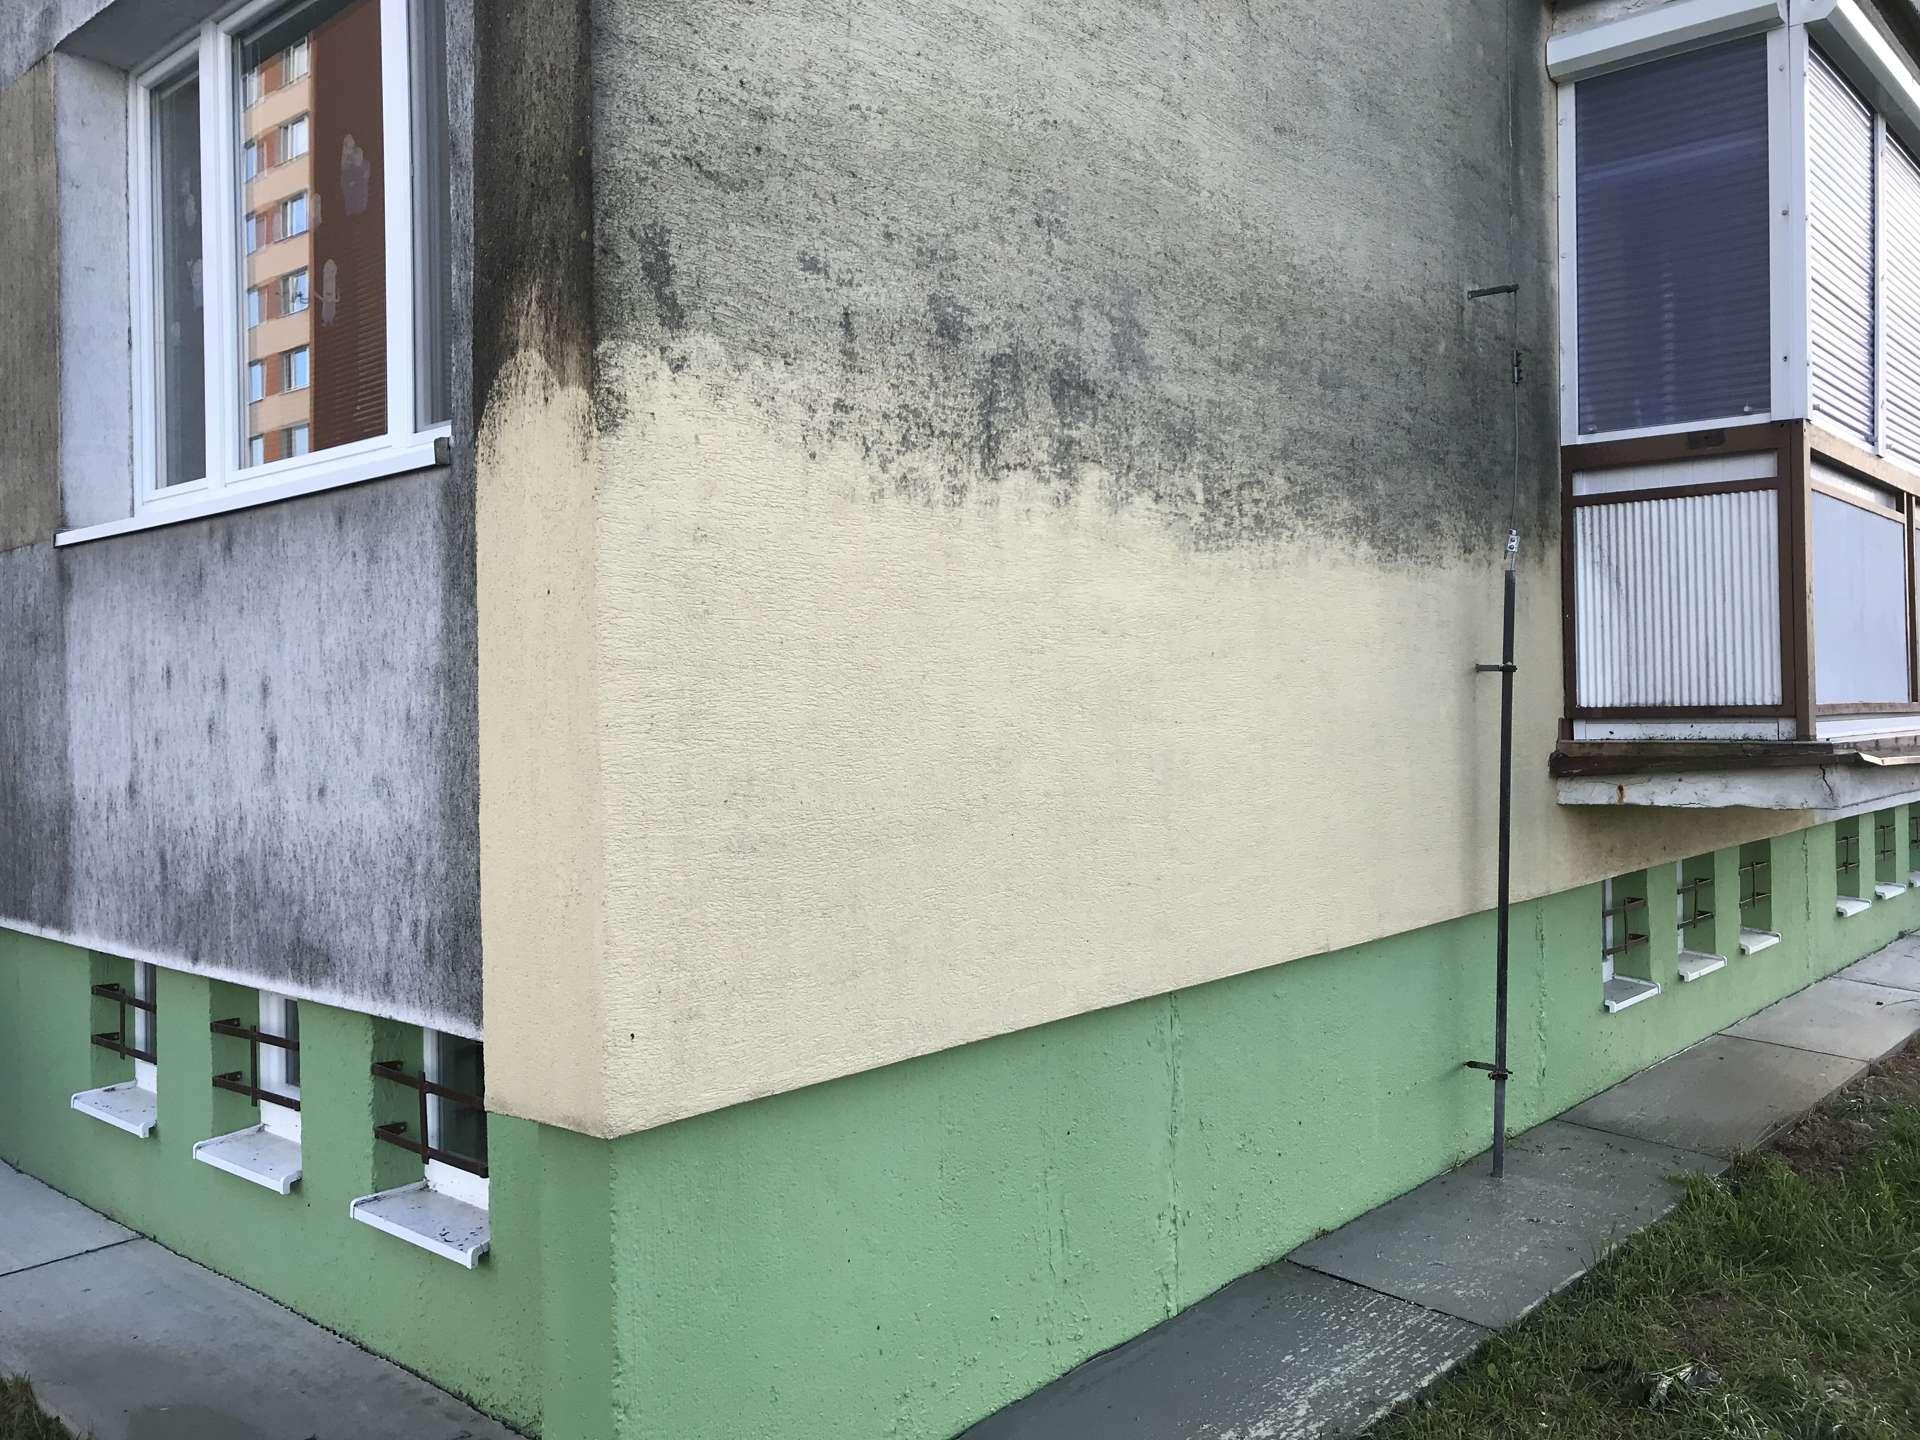 KEISH - Čistenie fasády pomocou fungicídov a vysokotlakovým čističom - Lučenec Rúbanisko 3